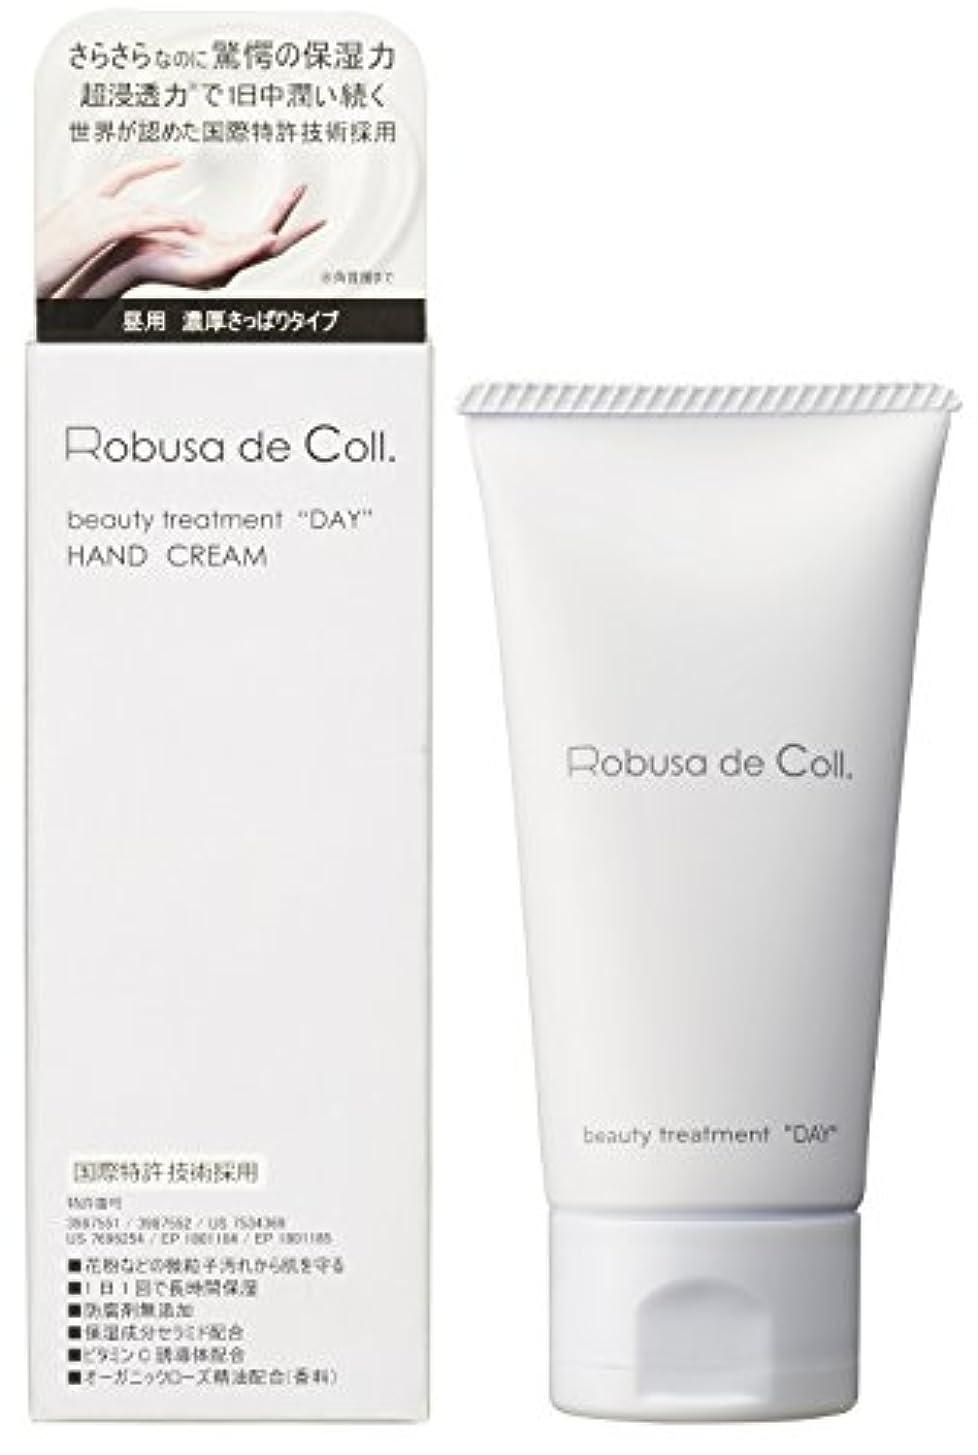 名前で聖人ニュースRobusa de Coll. (ロブサデコル) デイケアクリーム (ハンドクリーム) 60g (皮膚保護クリーム 乾燥 敏感肌用)